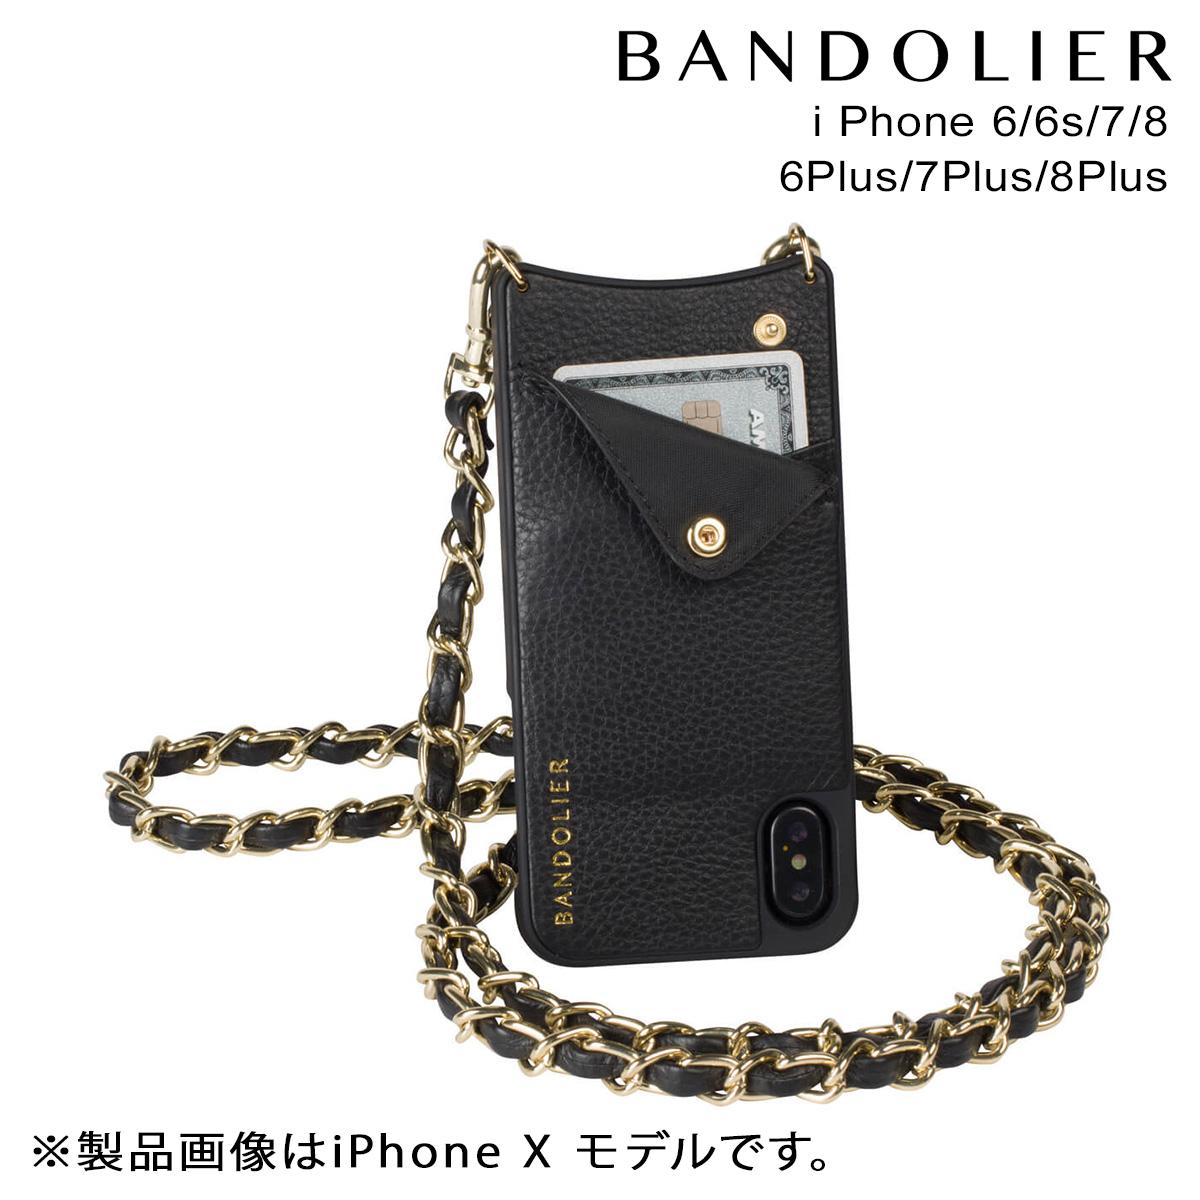 BANDOLIER iPhone8 iPhone7 7Plus 6s LUCY GOLD バンドリヤー ケース スマホ アイフォン プラス メンズ レディース